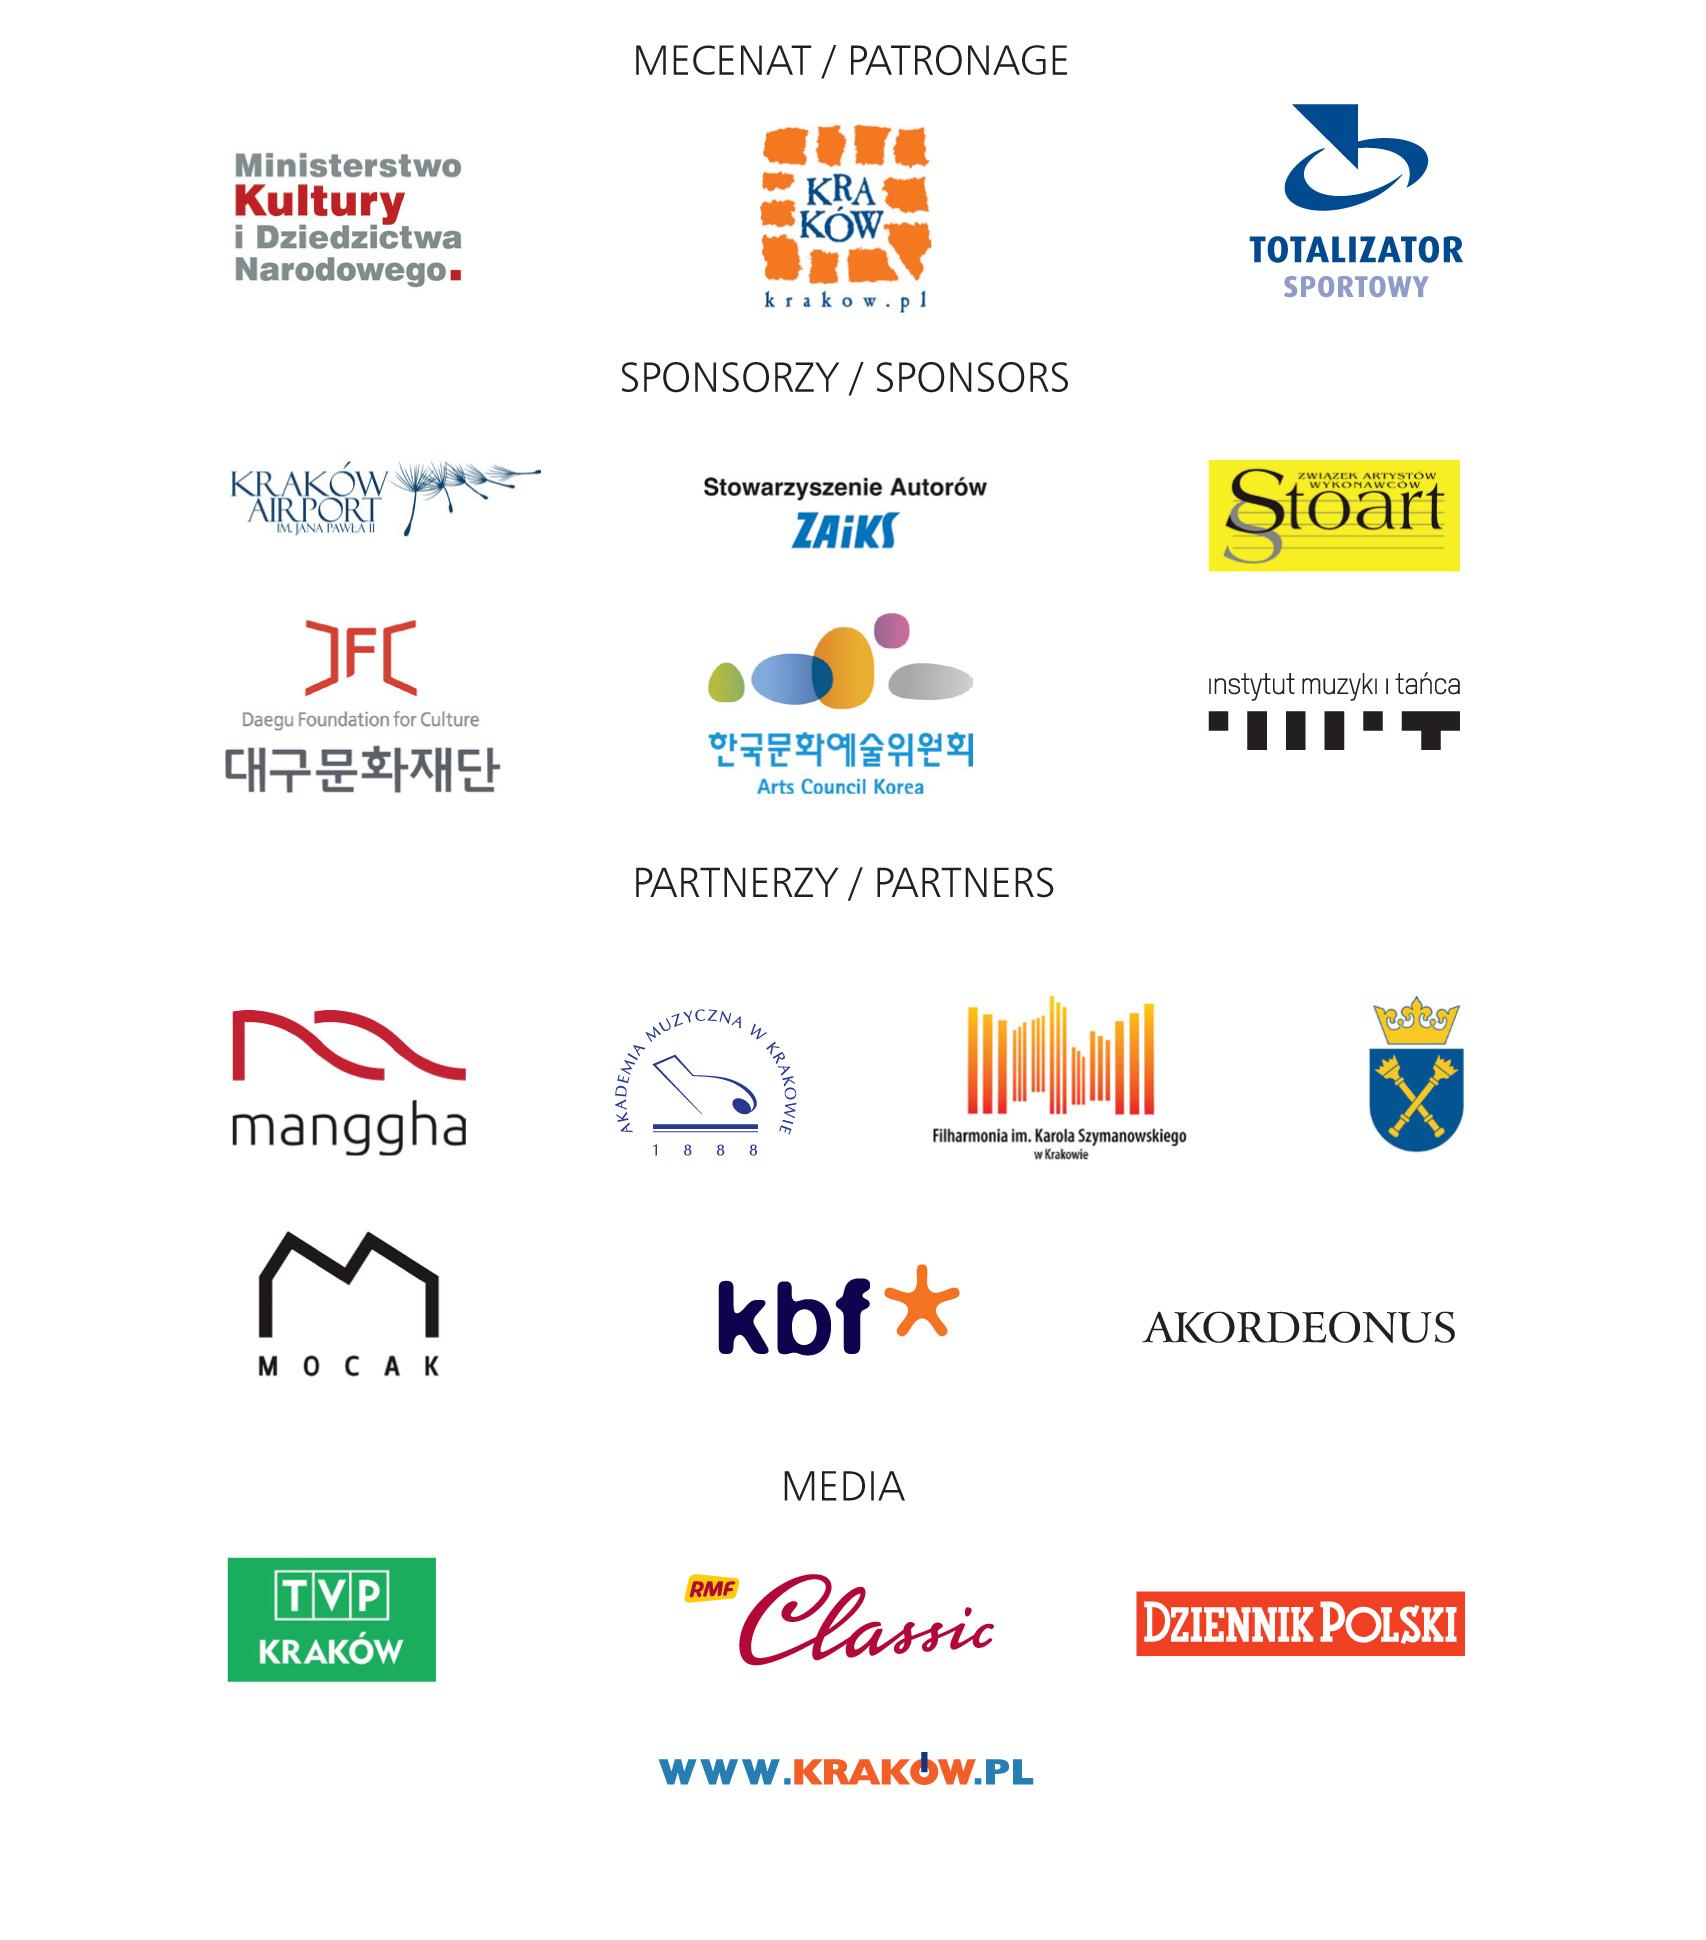 Logotypy sponsorów i partnerów